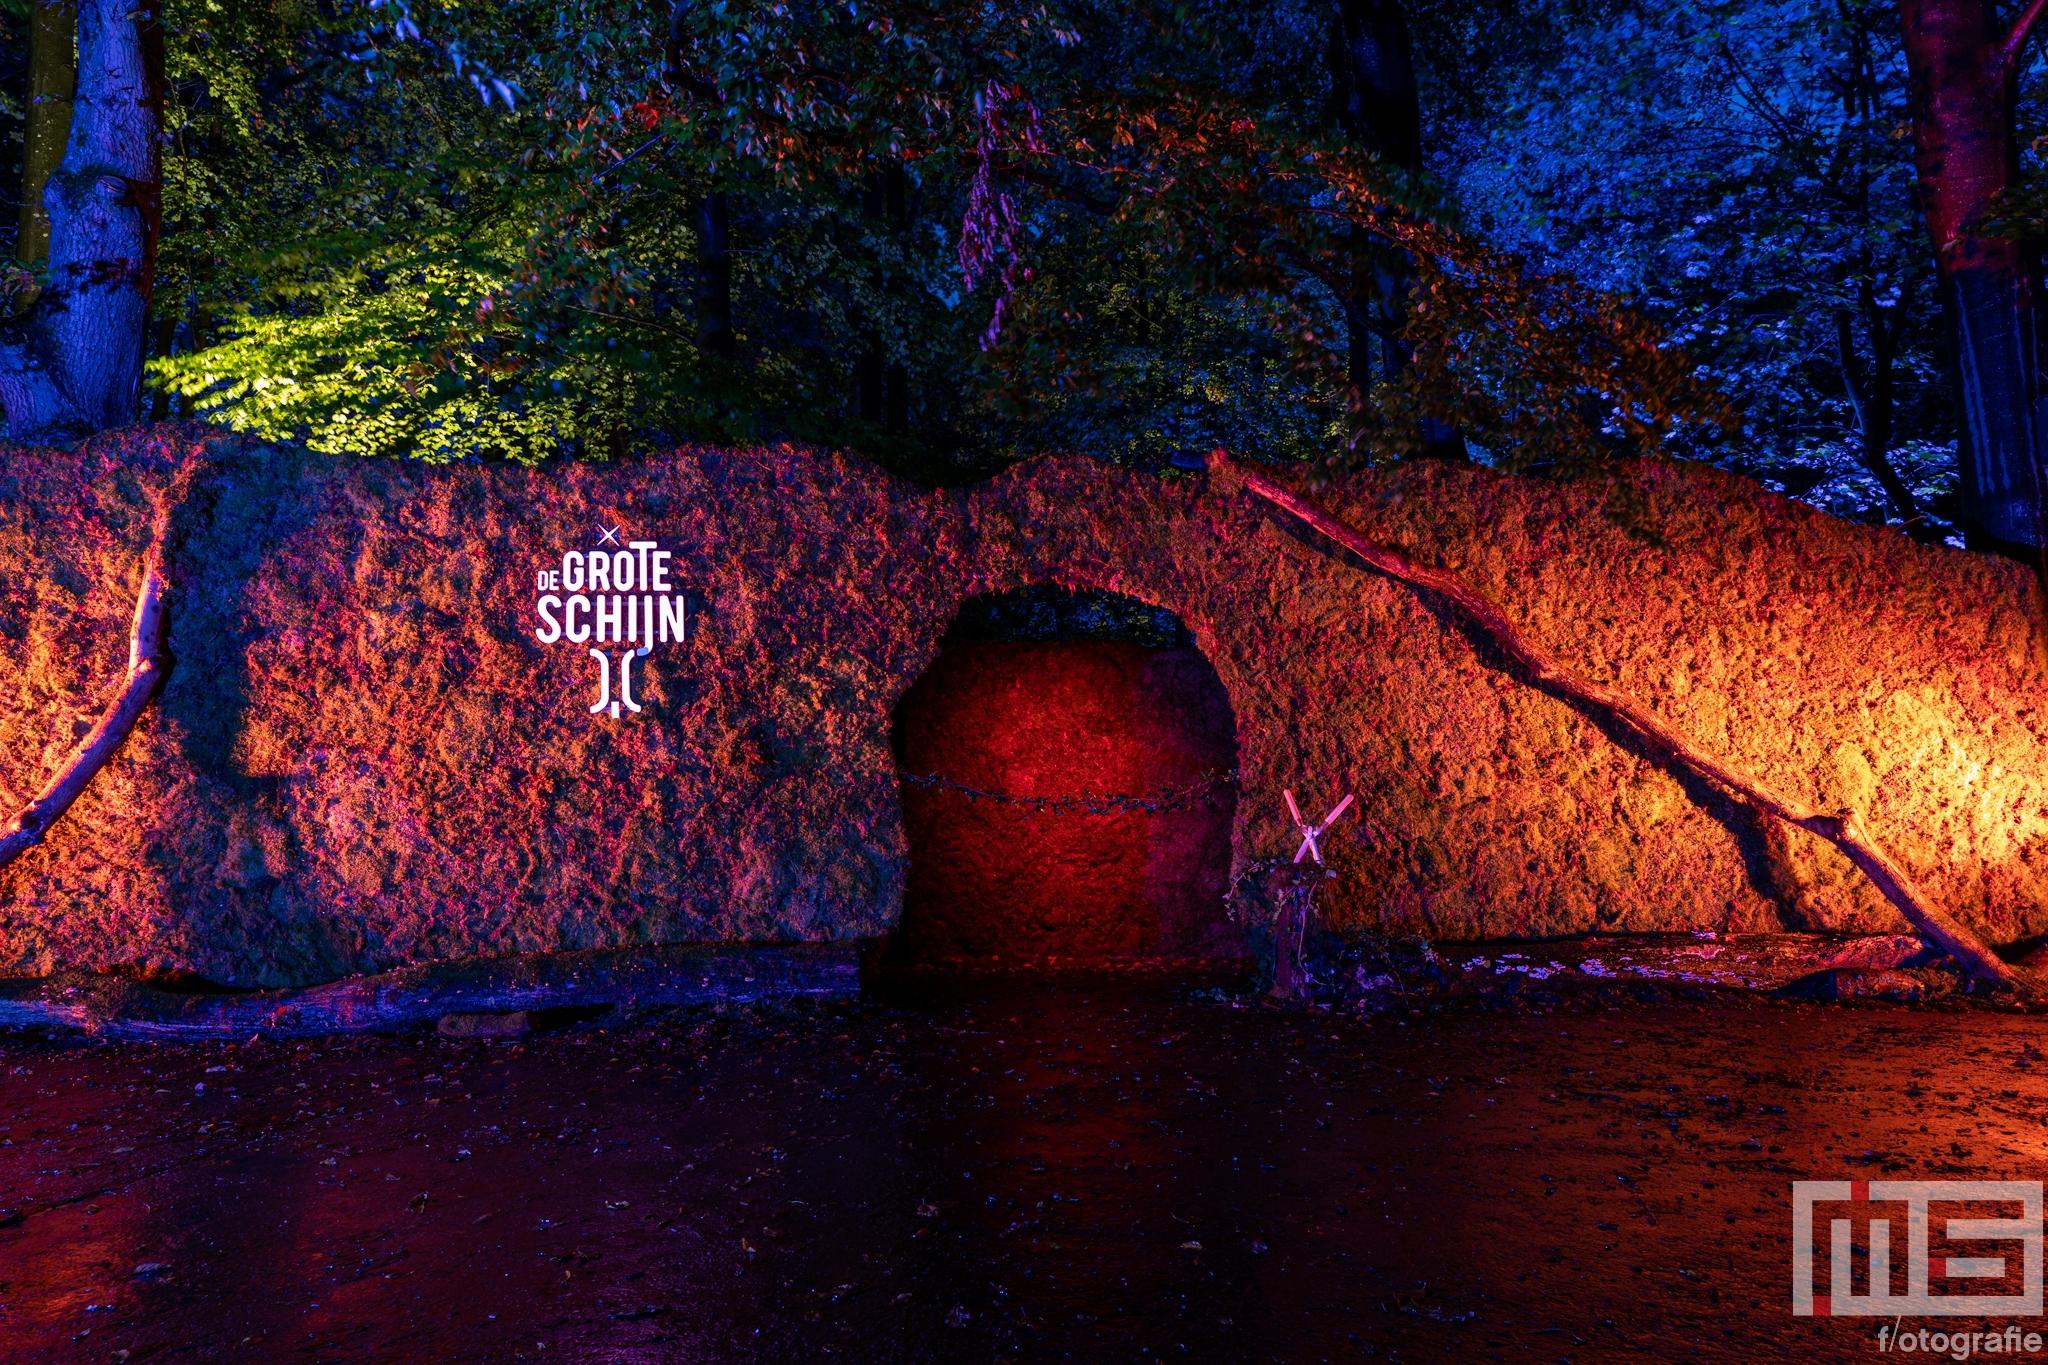 De entree van De Grote Schijn in het Kralingse Bos in Rotterdam